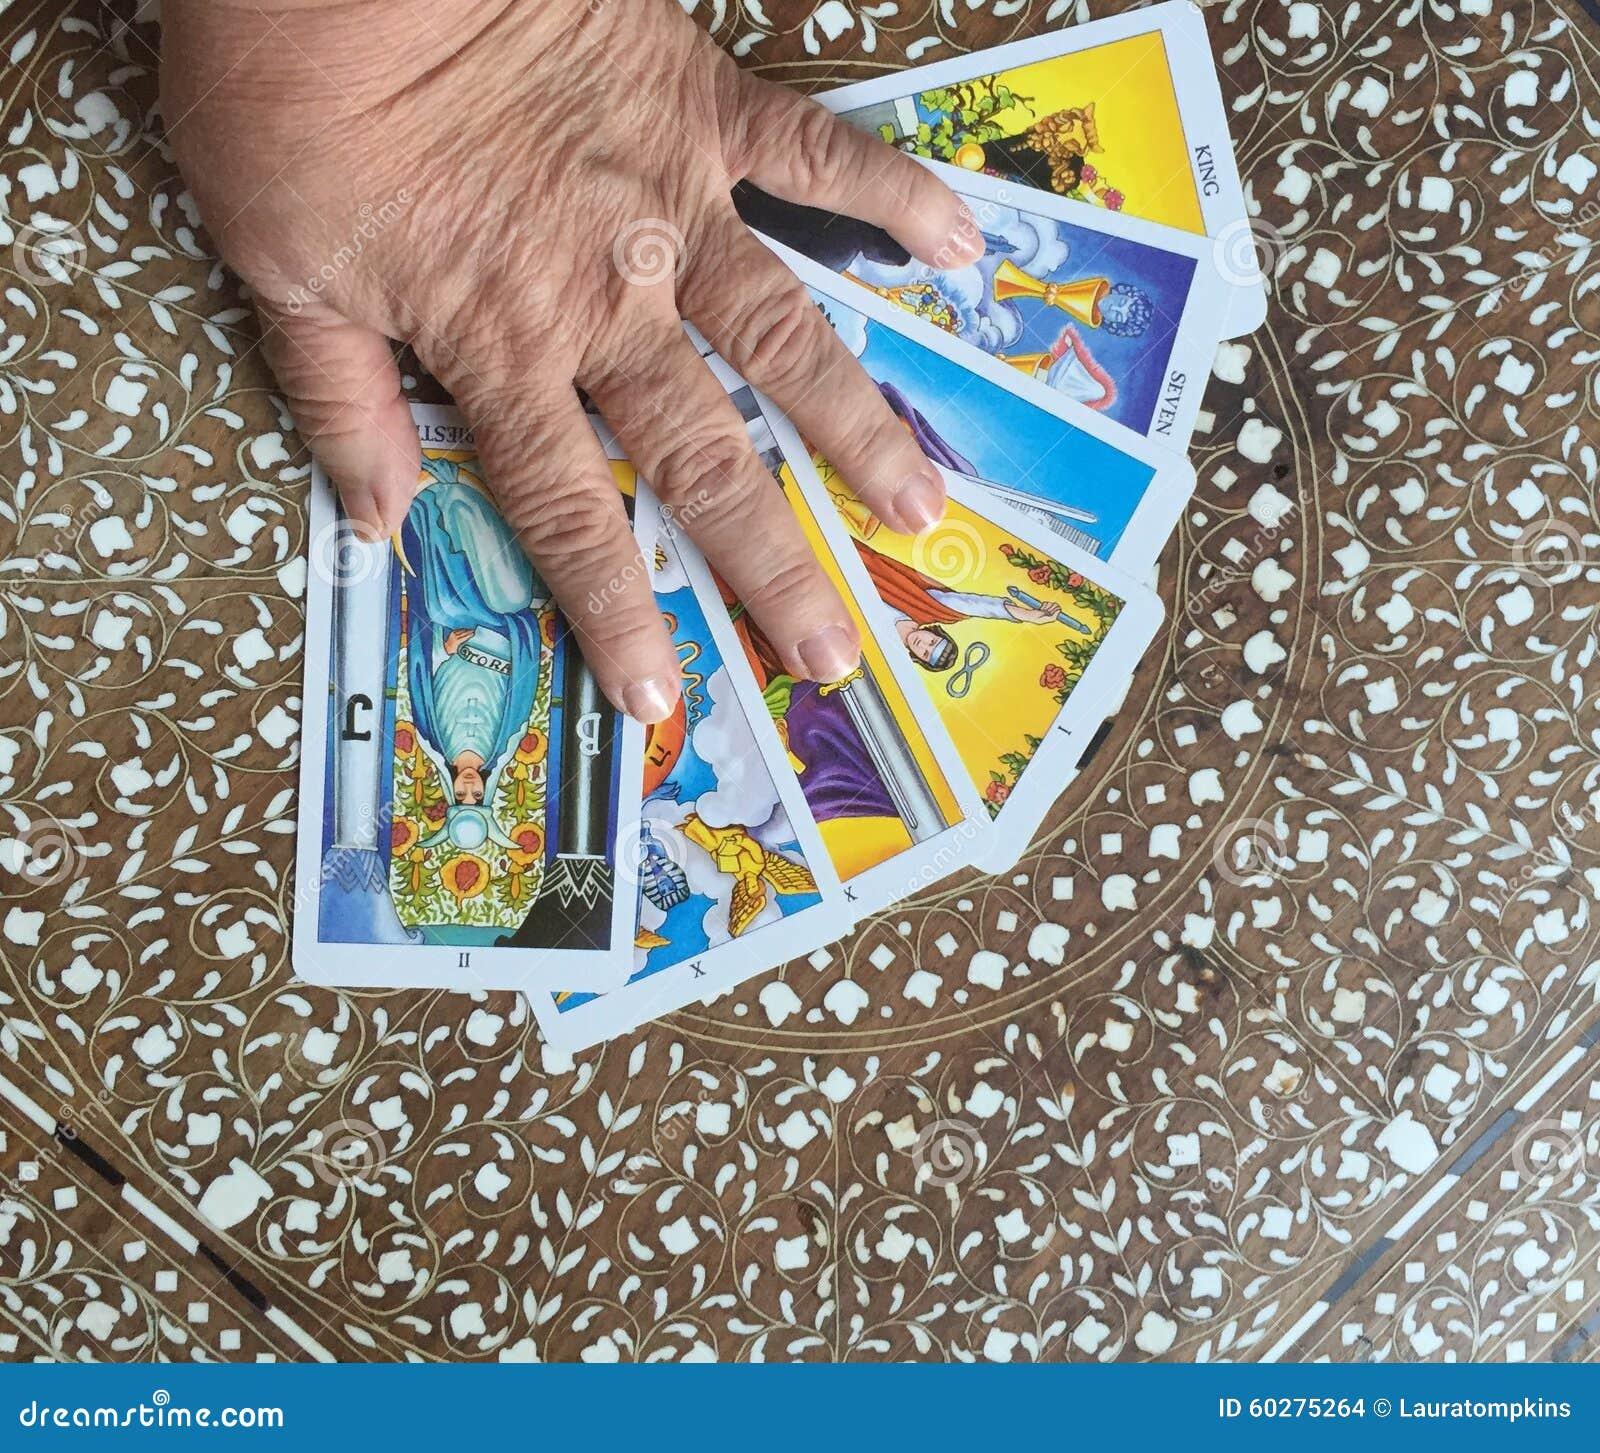 Main sur des cartes de tarot